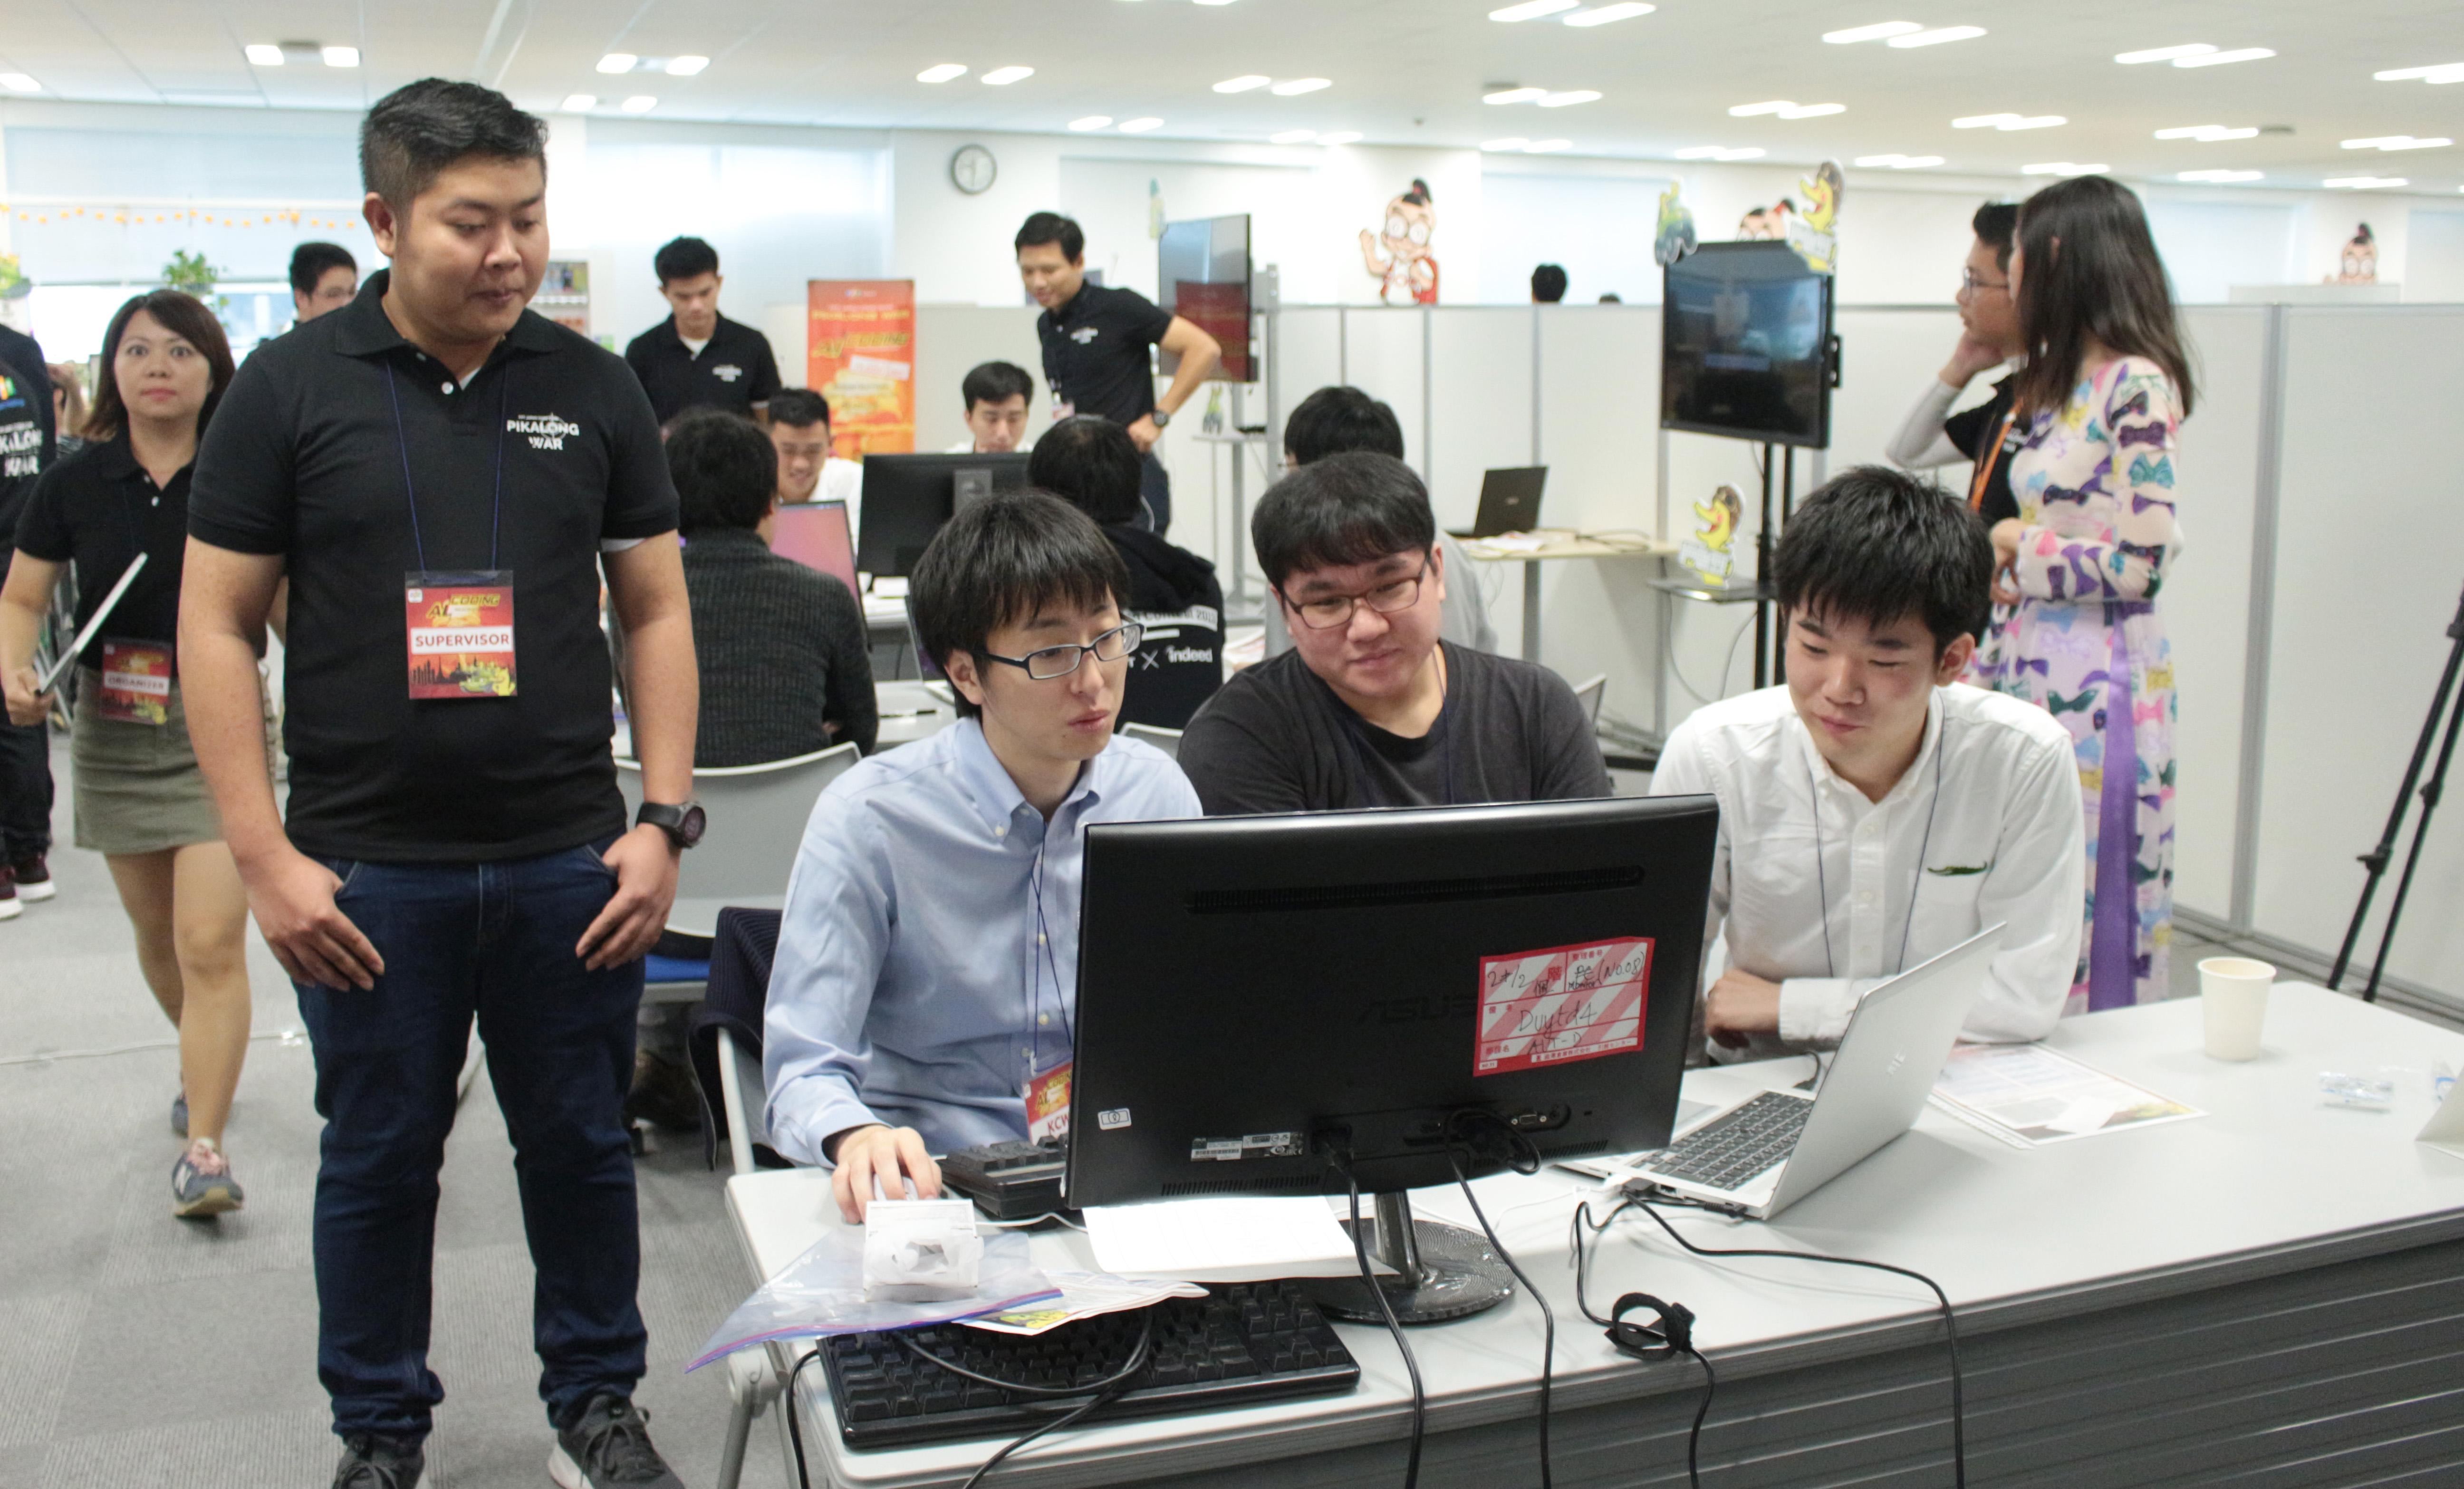 Ngay sau lễ khai mạc, 11 đội thi đã tranh tài thông qua ''Bài tập lớn AI'' (Trí tuệ nhân tạo).